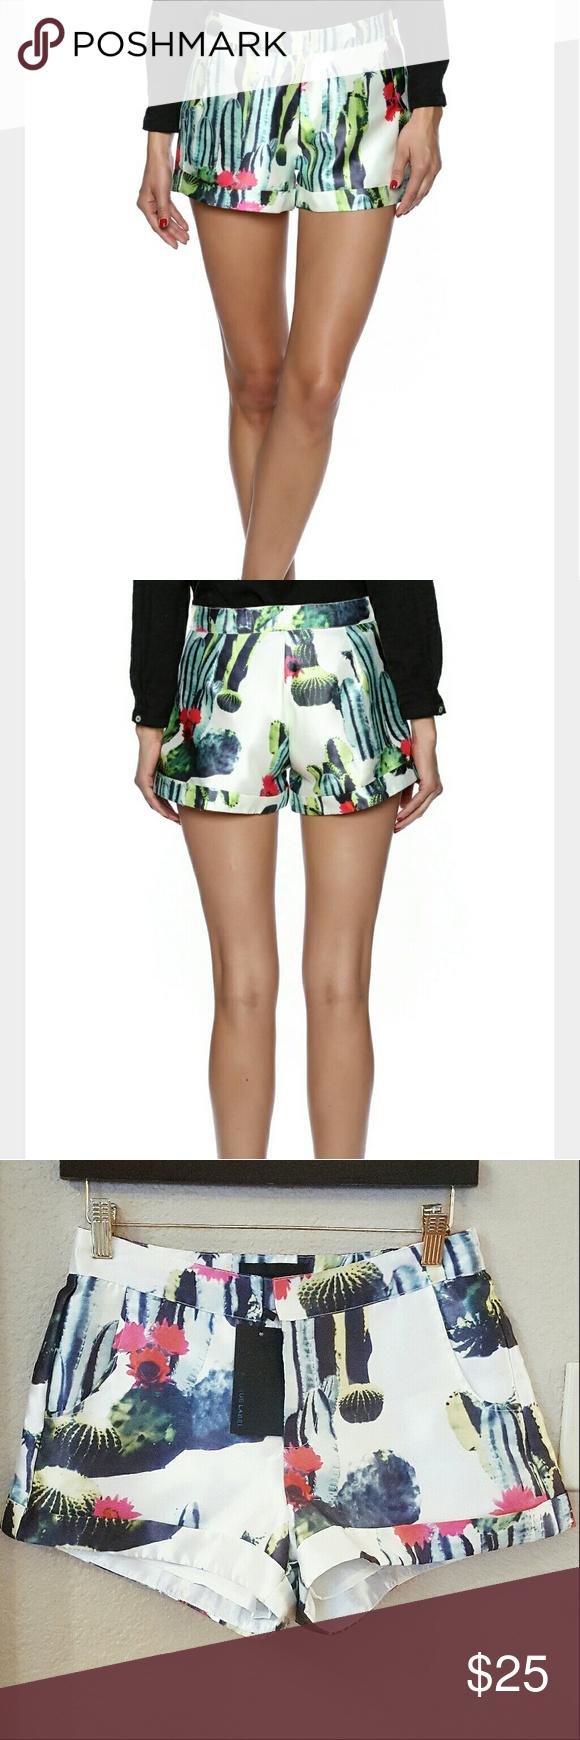 72e12cdc2e5 Blaque Label Cactus Shorts NWT Blaque Label Cactus Shorts Bought for  109  BRAND NEW